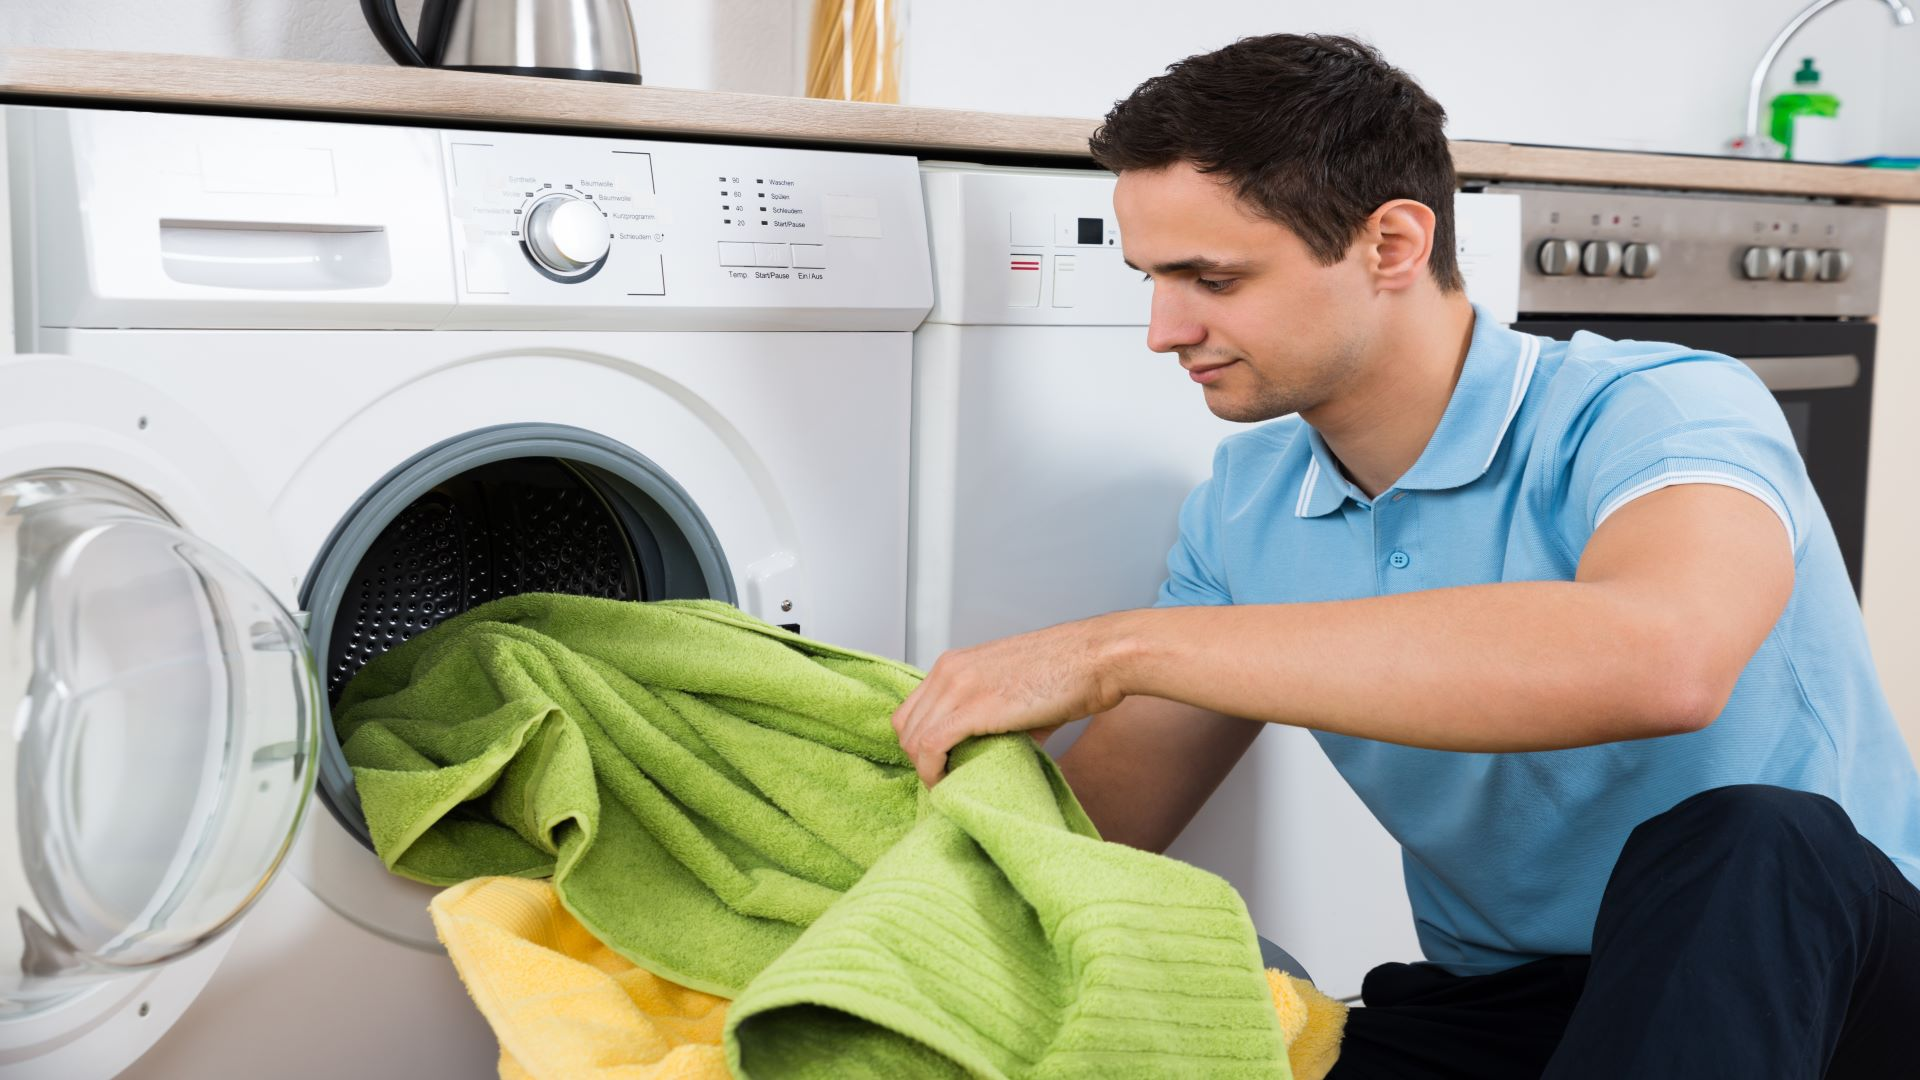 ผ้าสะอาด...ต้องไม่ทำร้ายเครื่อง